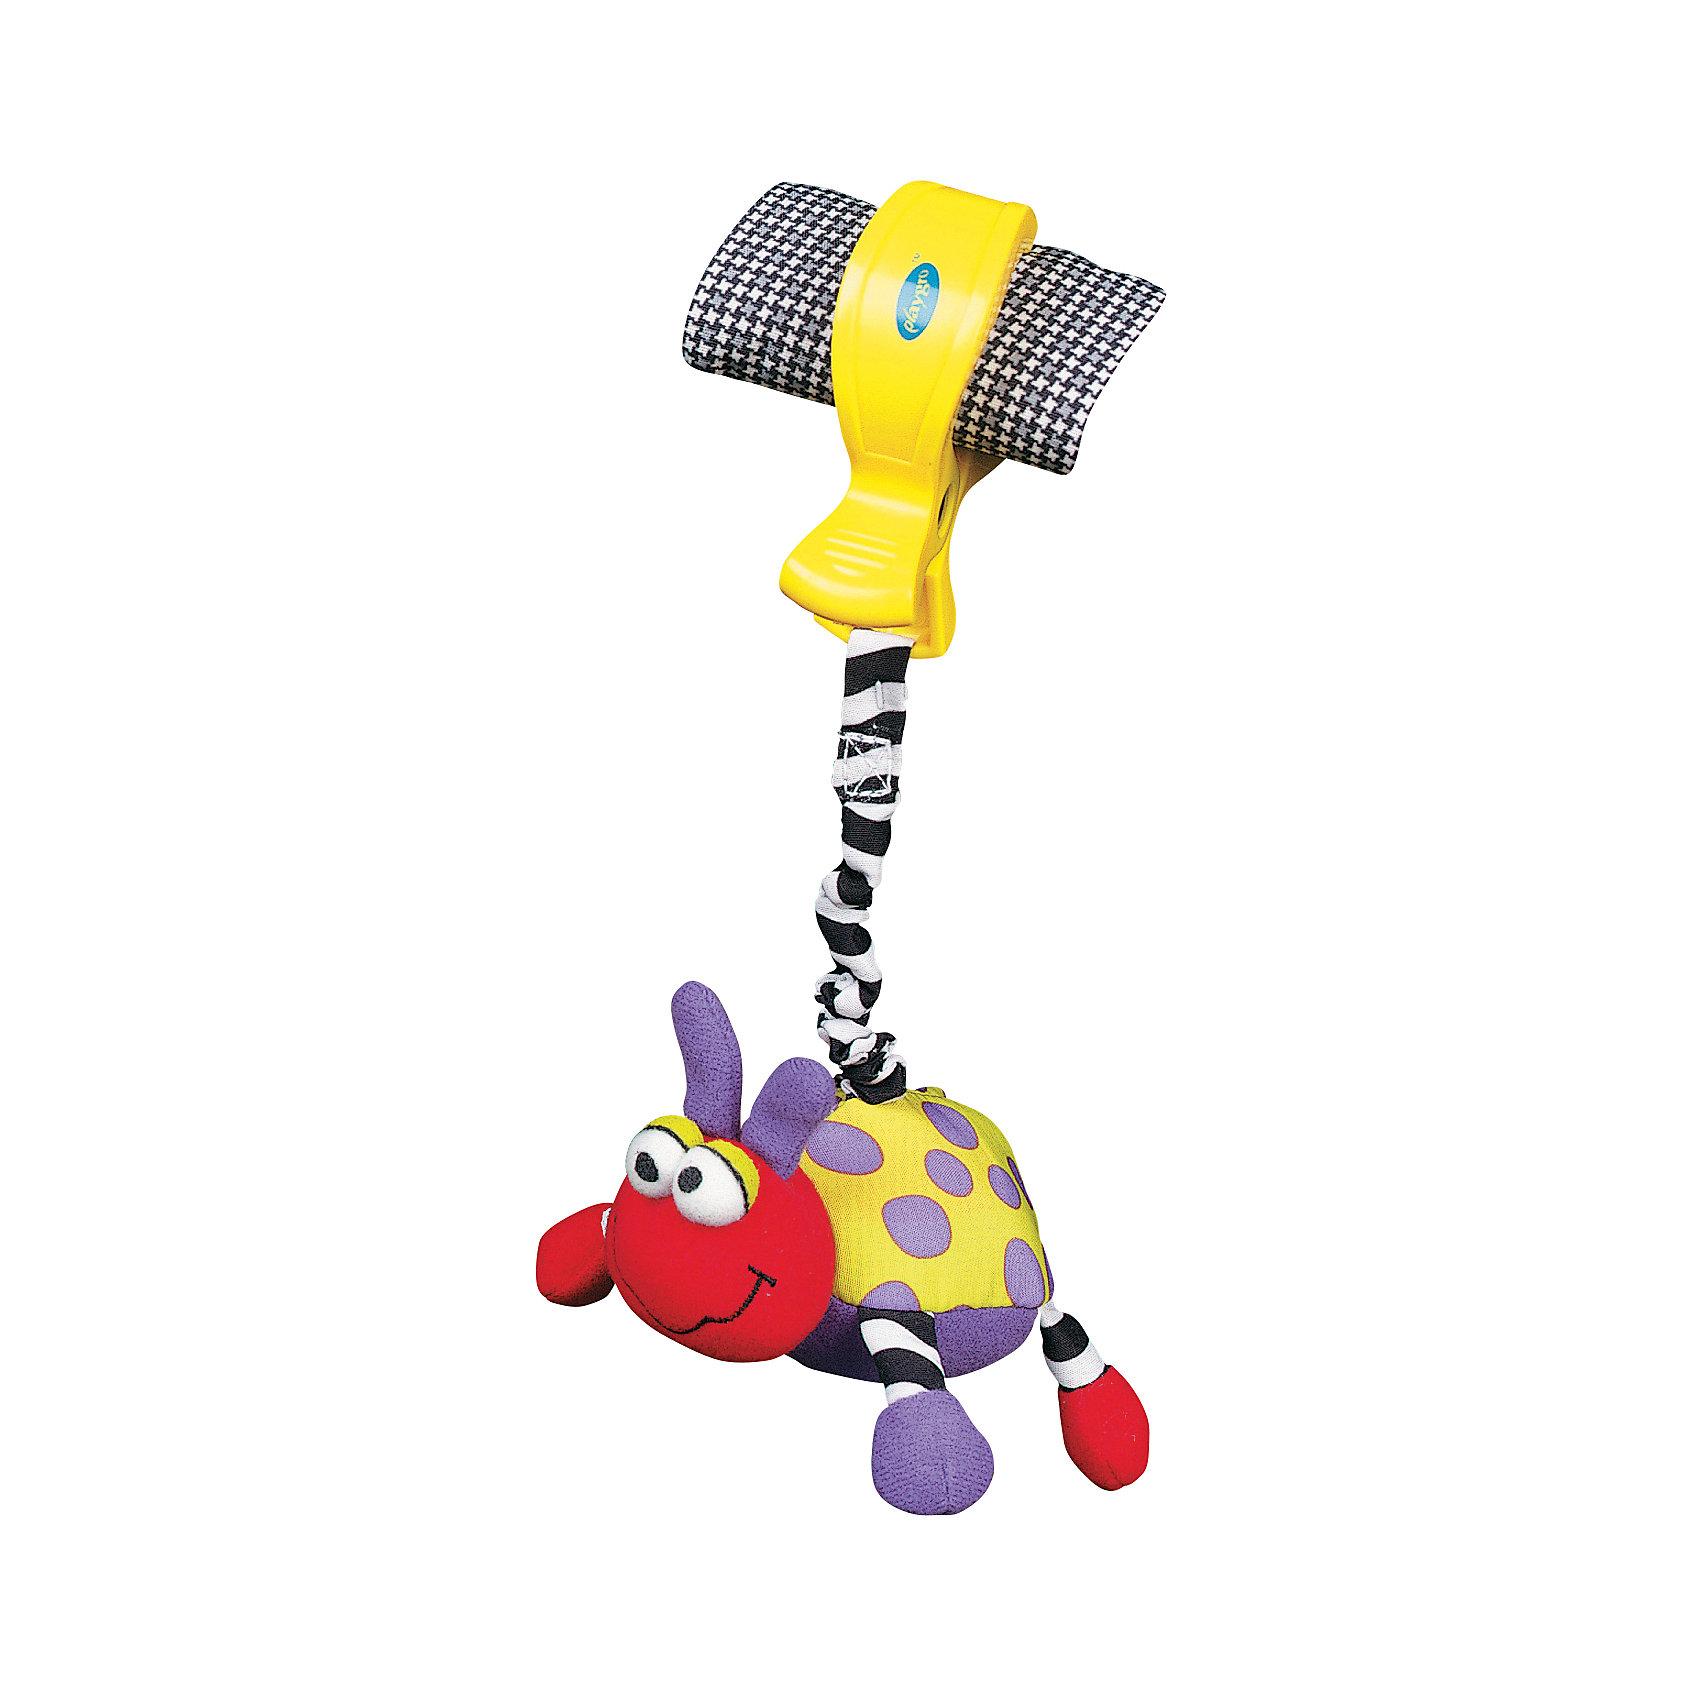 Playgro Игрушка-подвеска Божья коровка, Playgro игрушки подвески playgro игрушка подвеска девочка божья коровка